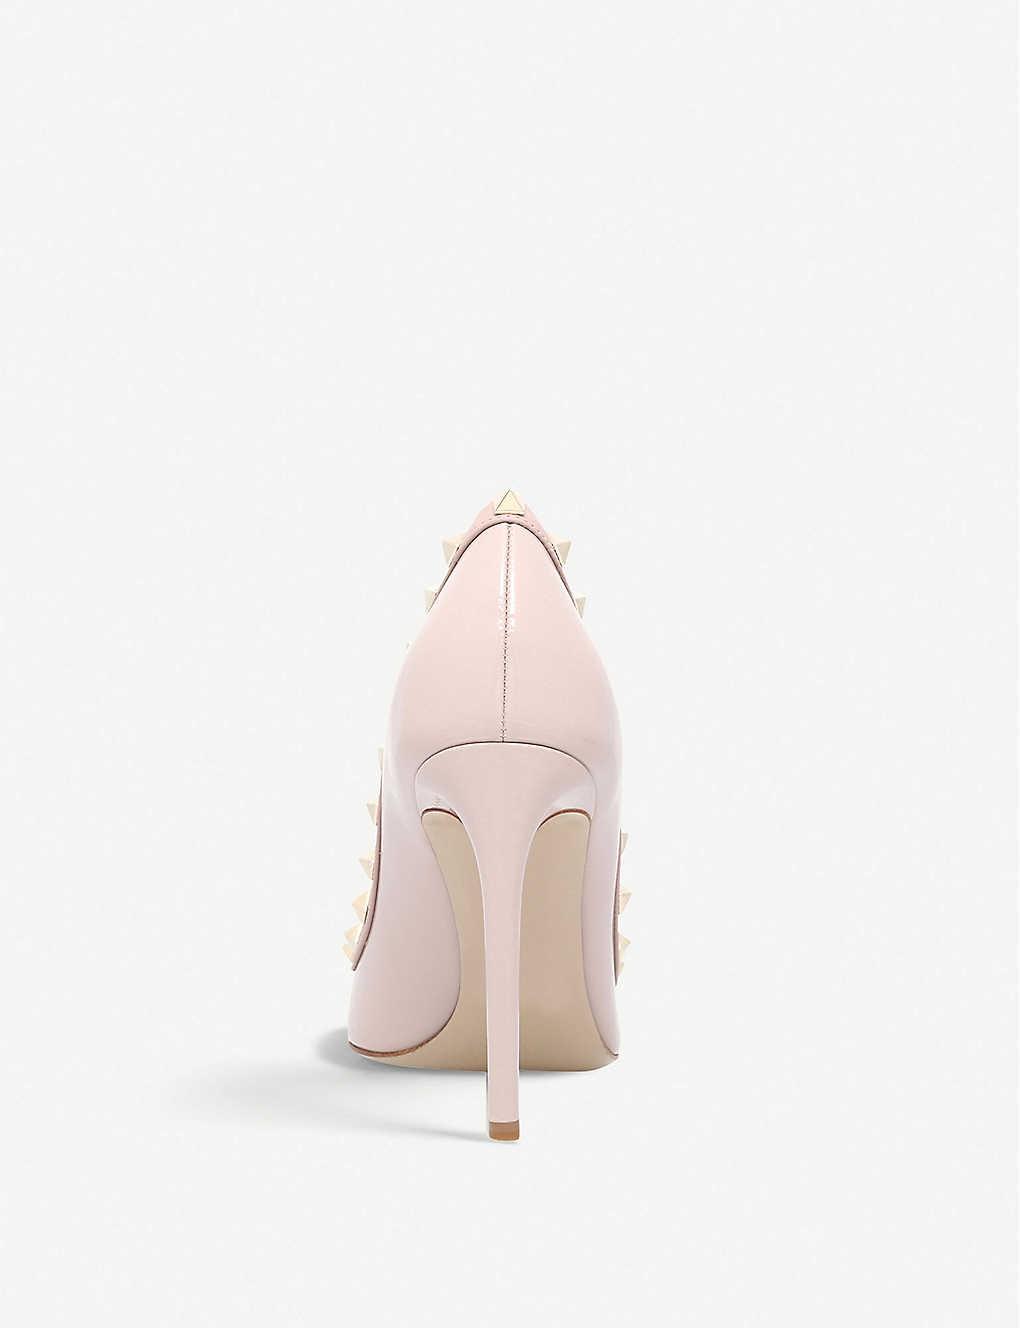 名牌高跟鞋網購預算HK$5000內/JIMMY CHOO、Christian Louboutin紅底鞋、VALENTINO高踭鞋